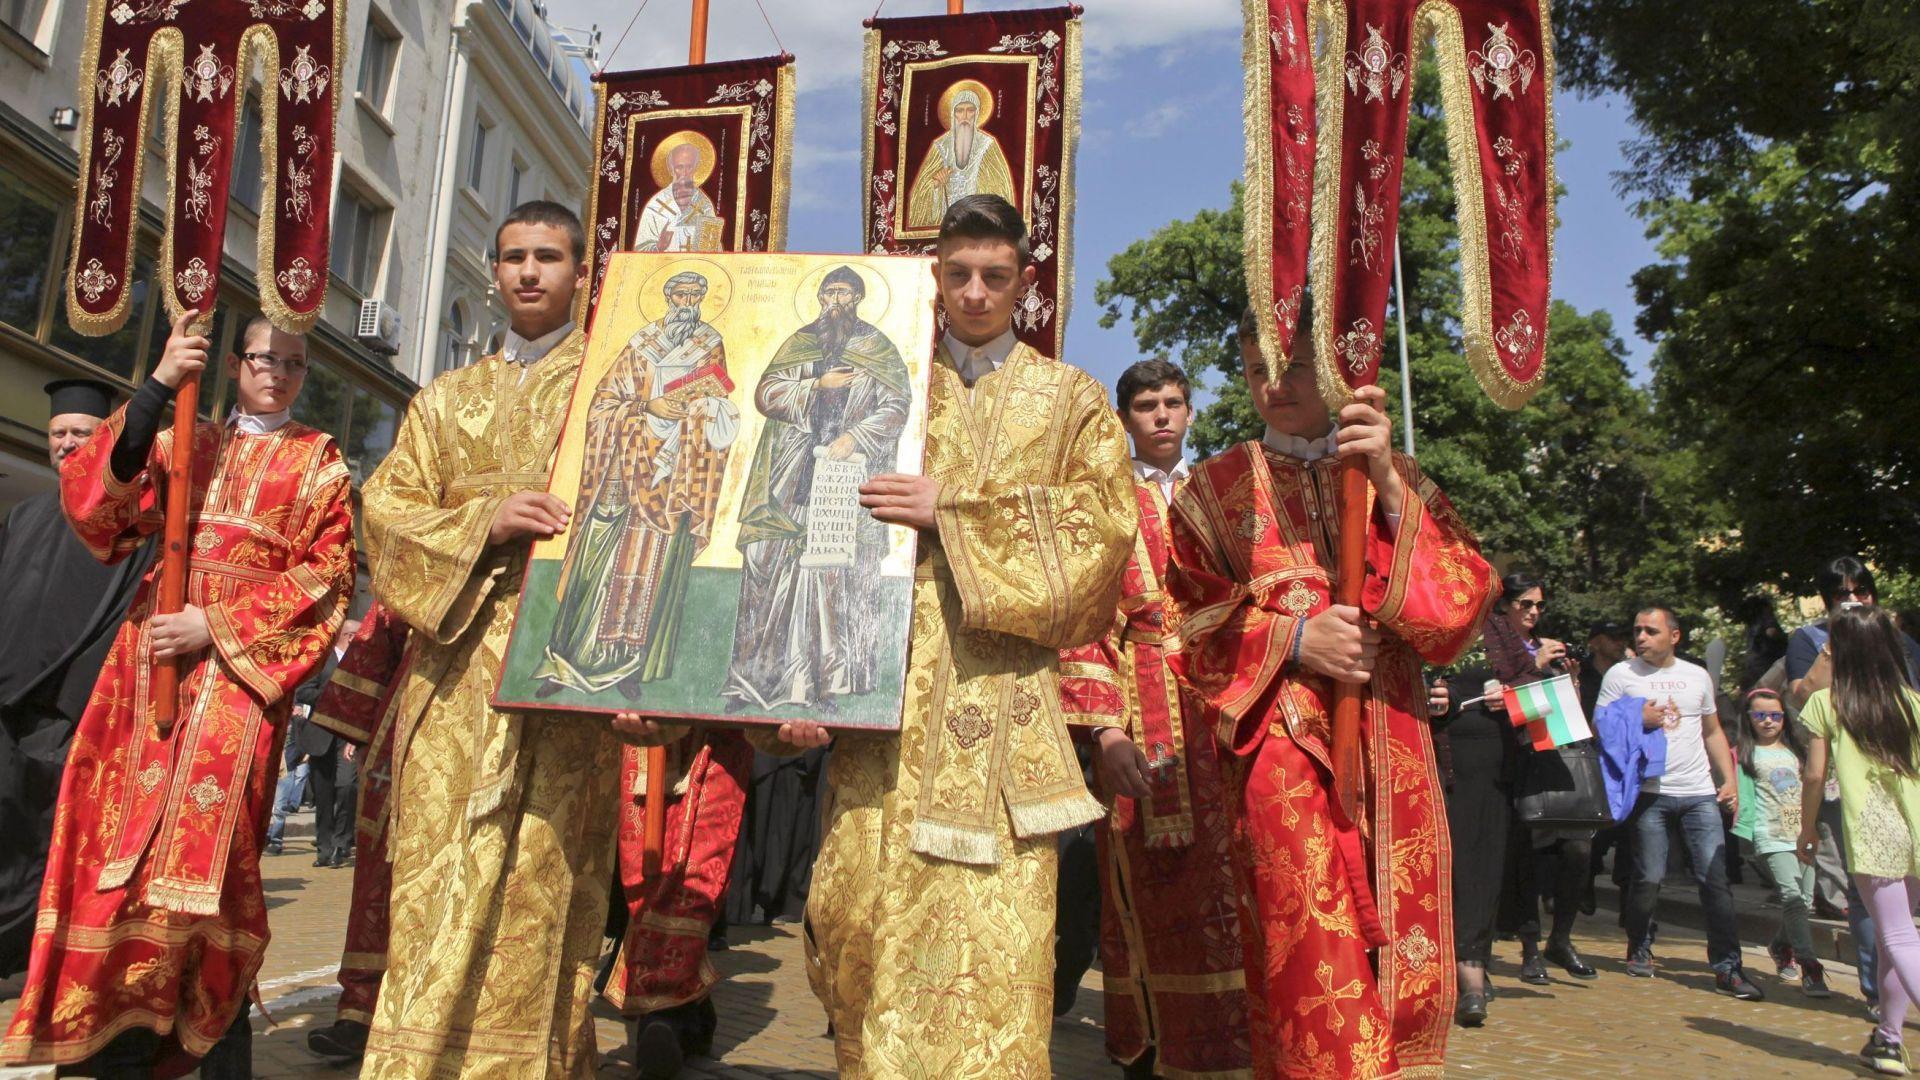 Българската православна църква почита паметта на св. равноапостолни братя Кирил